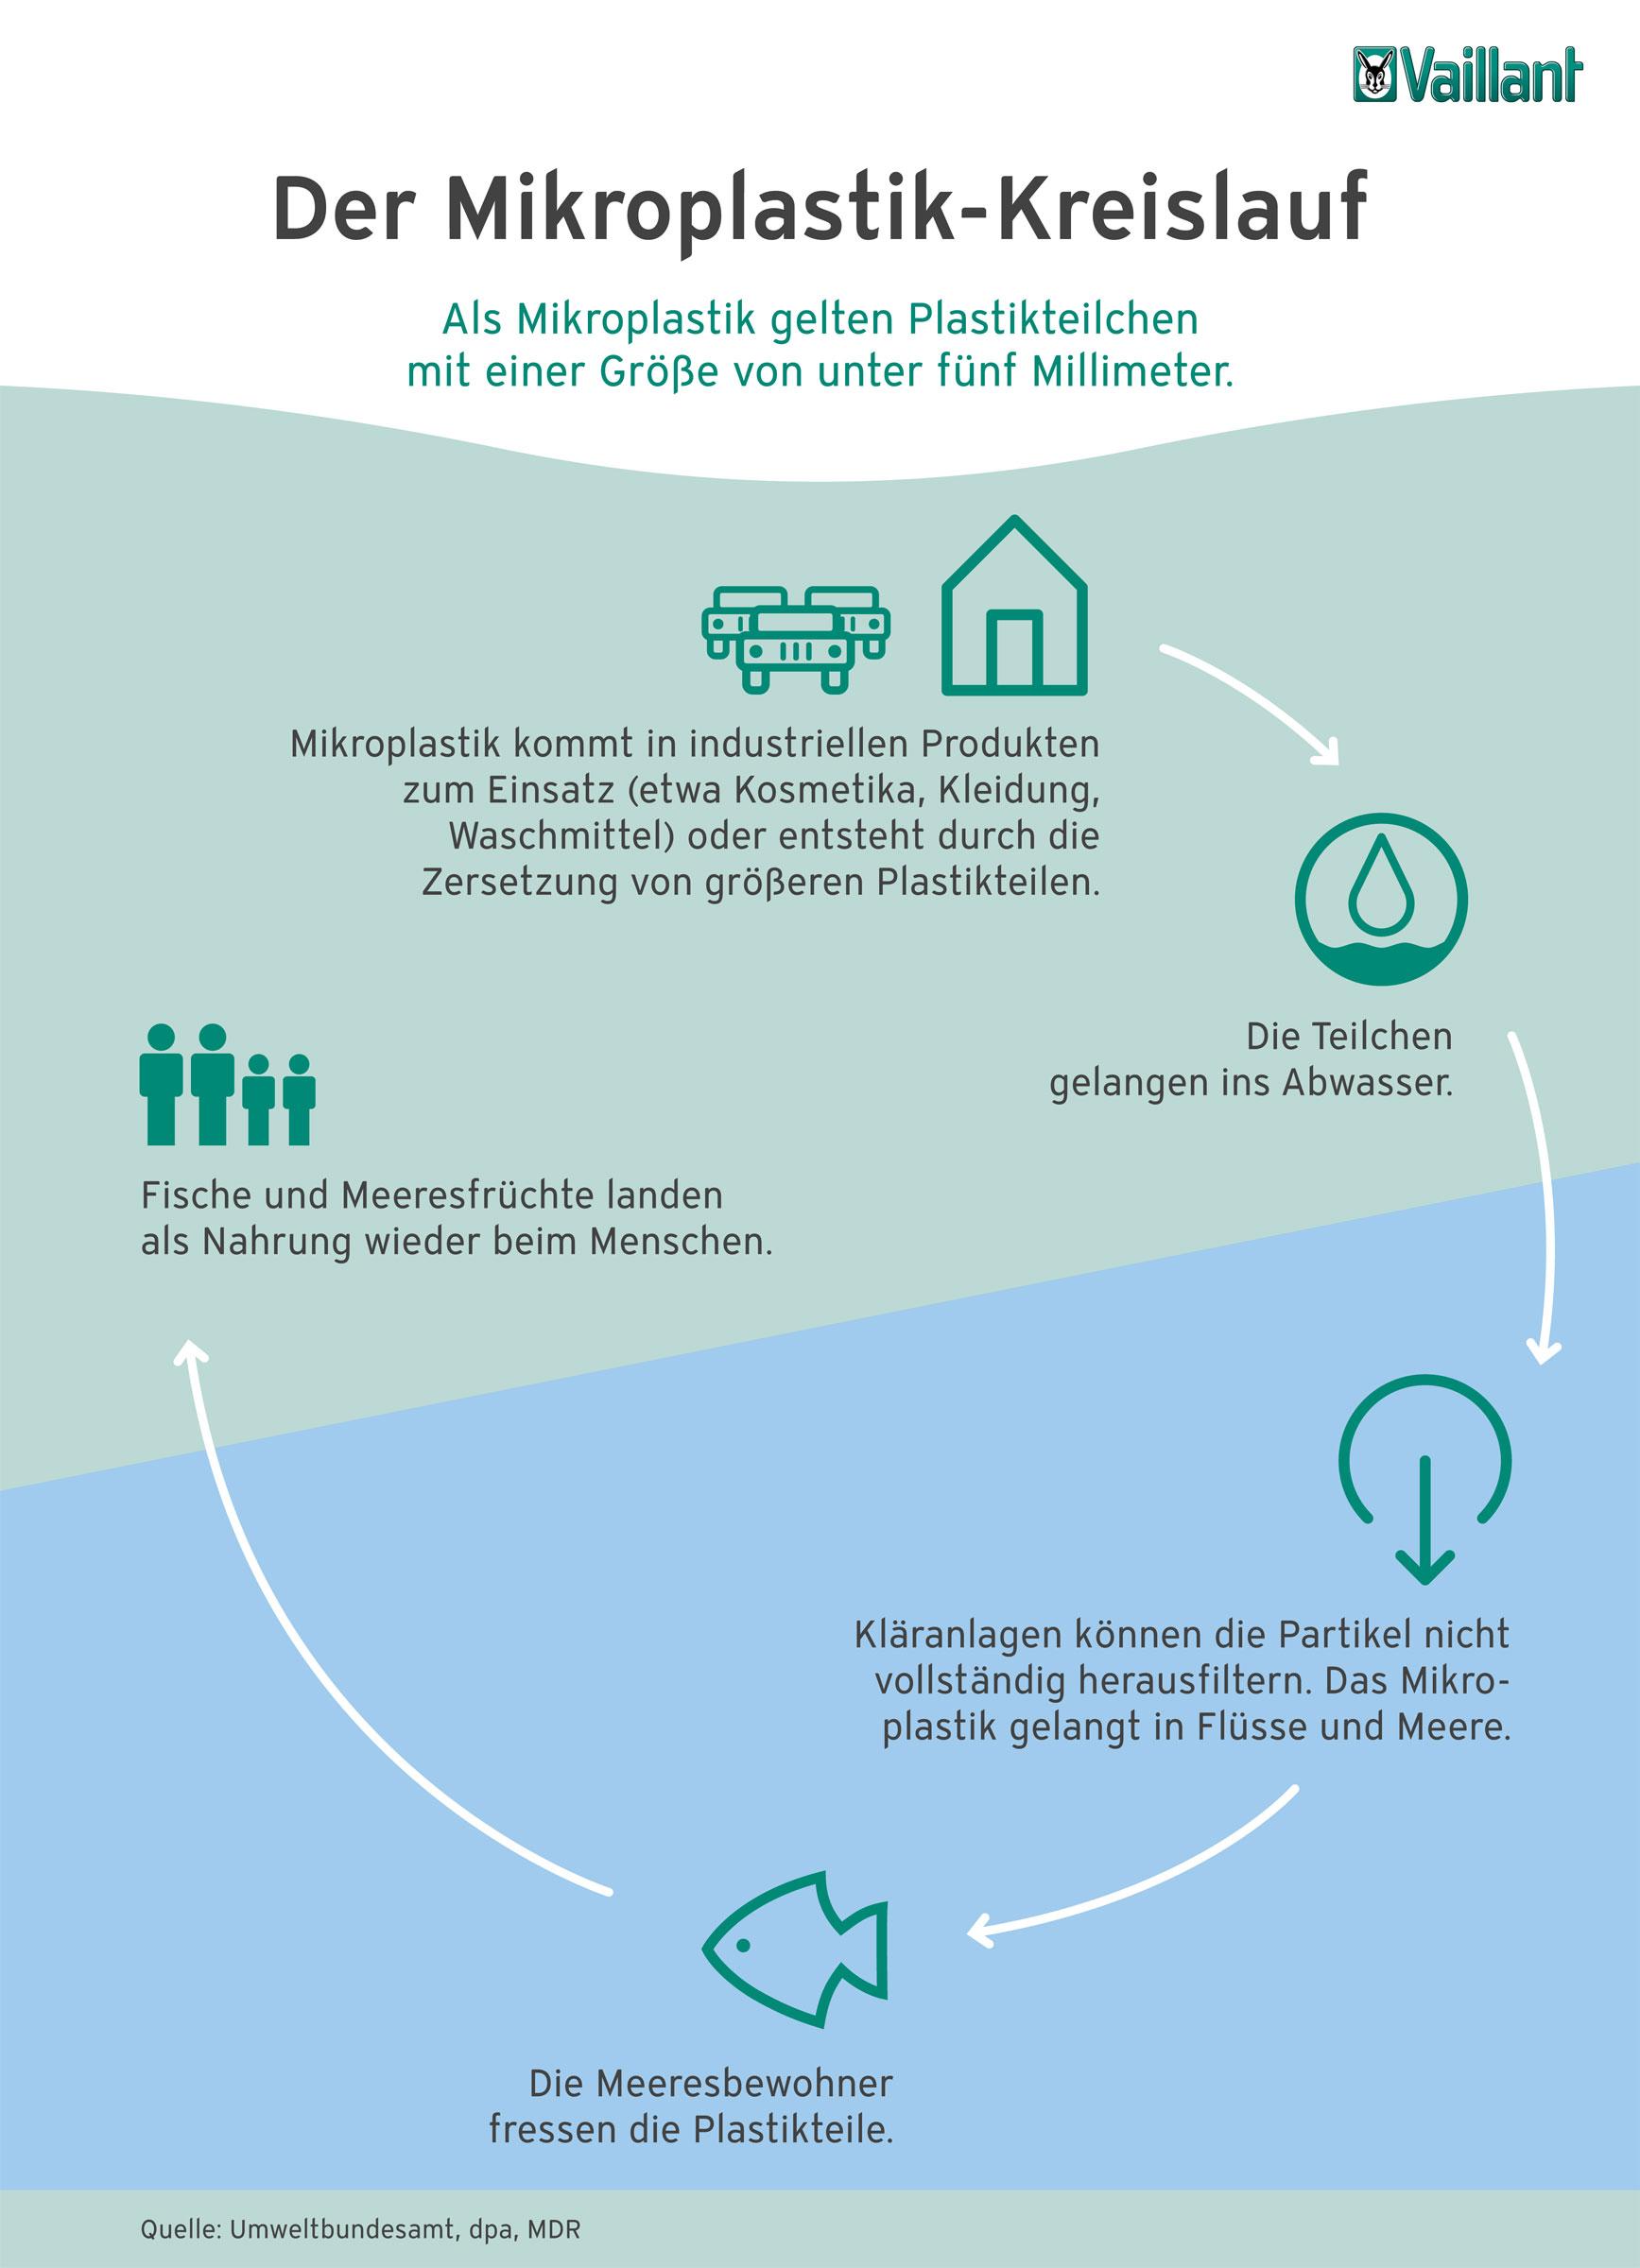 Die Infografik zeigt den Mikroplastik-Kreislauf von der Zersetzung über den Weg ins Meer bis hin zur Nahrungsaufnahme.